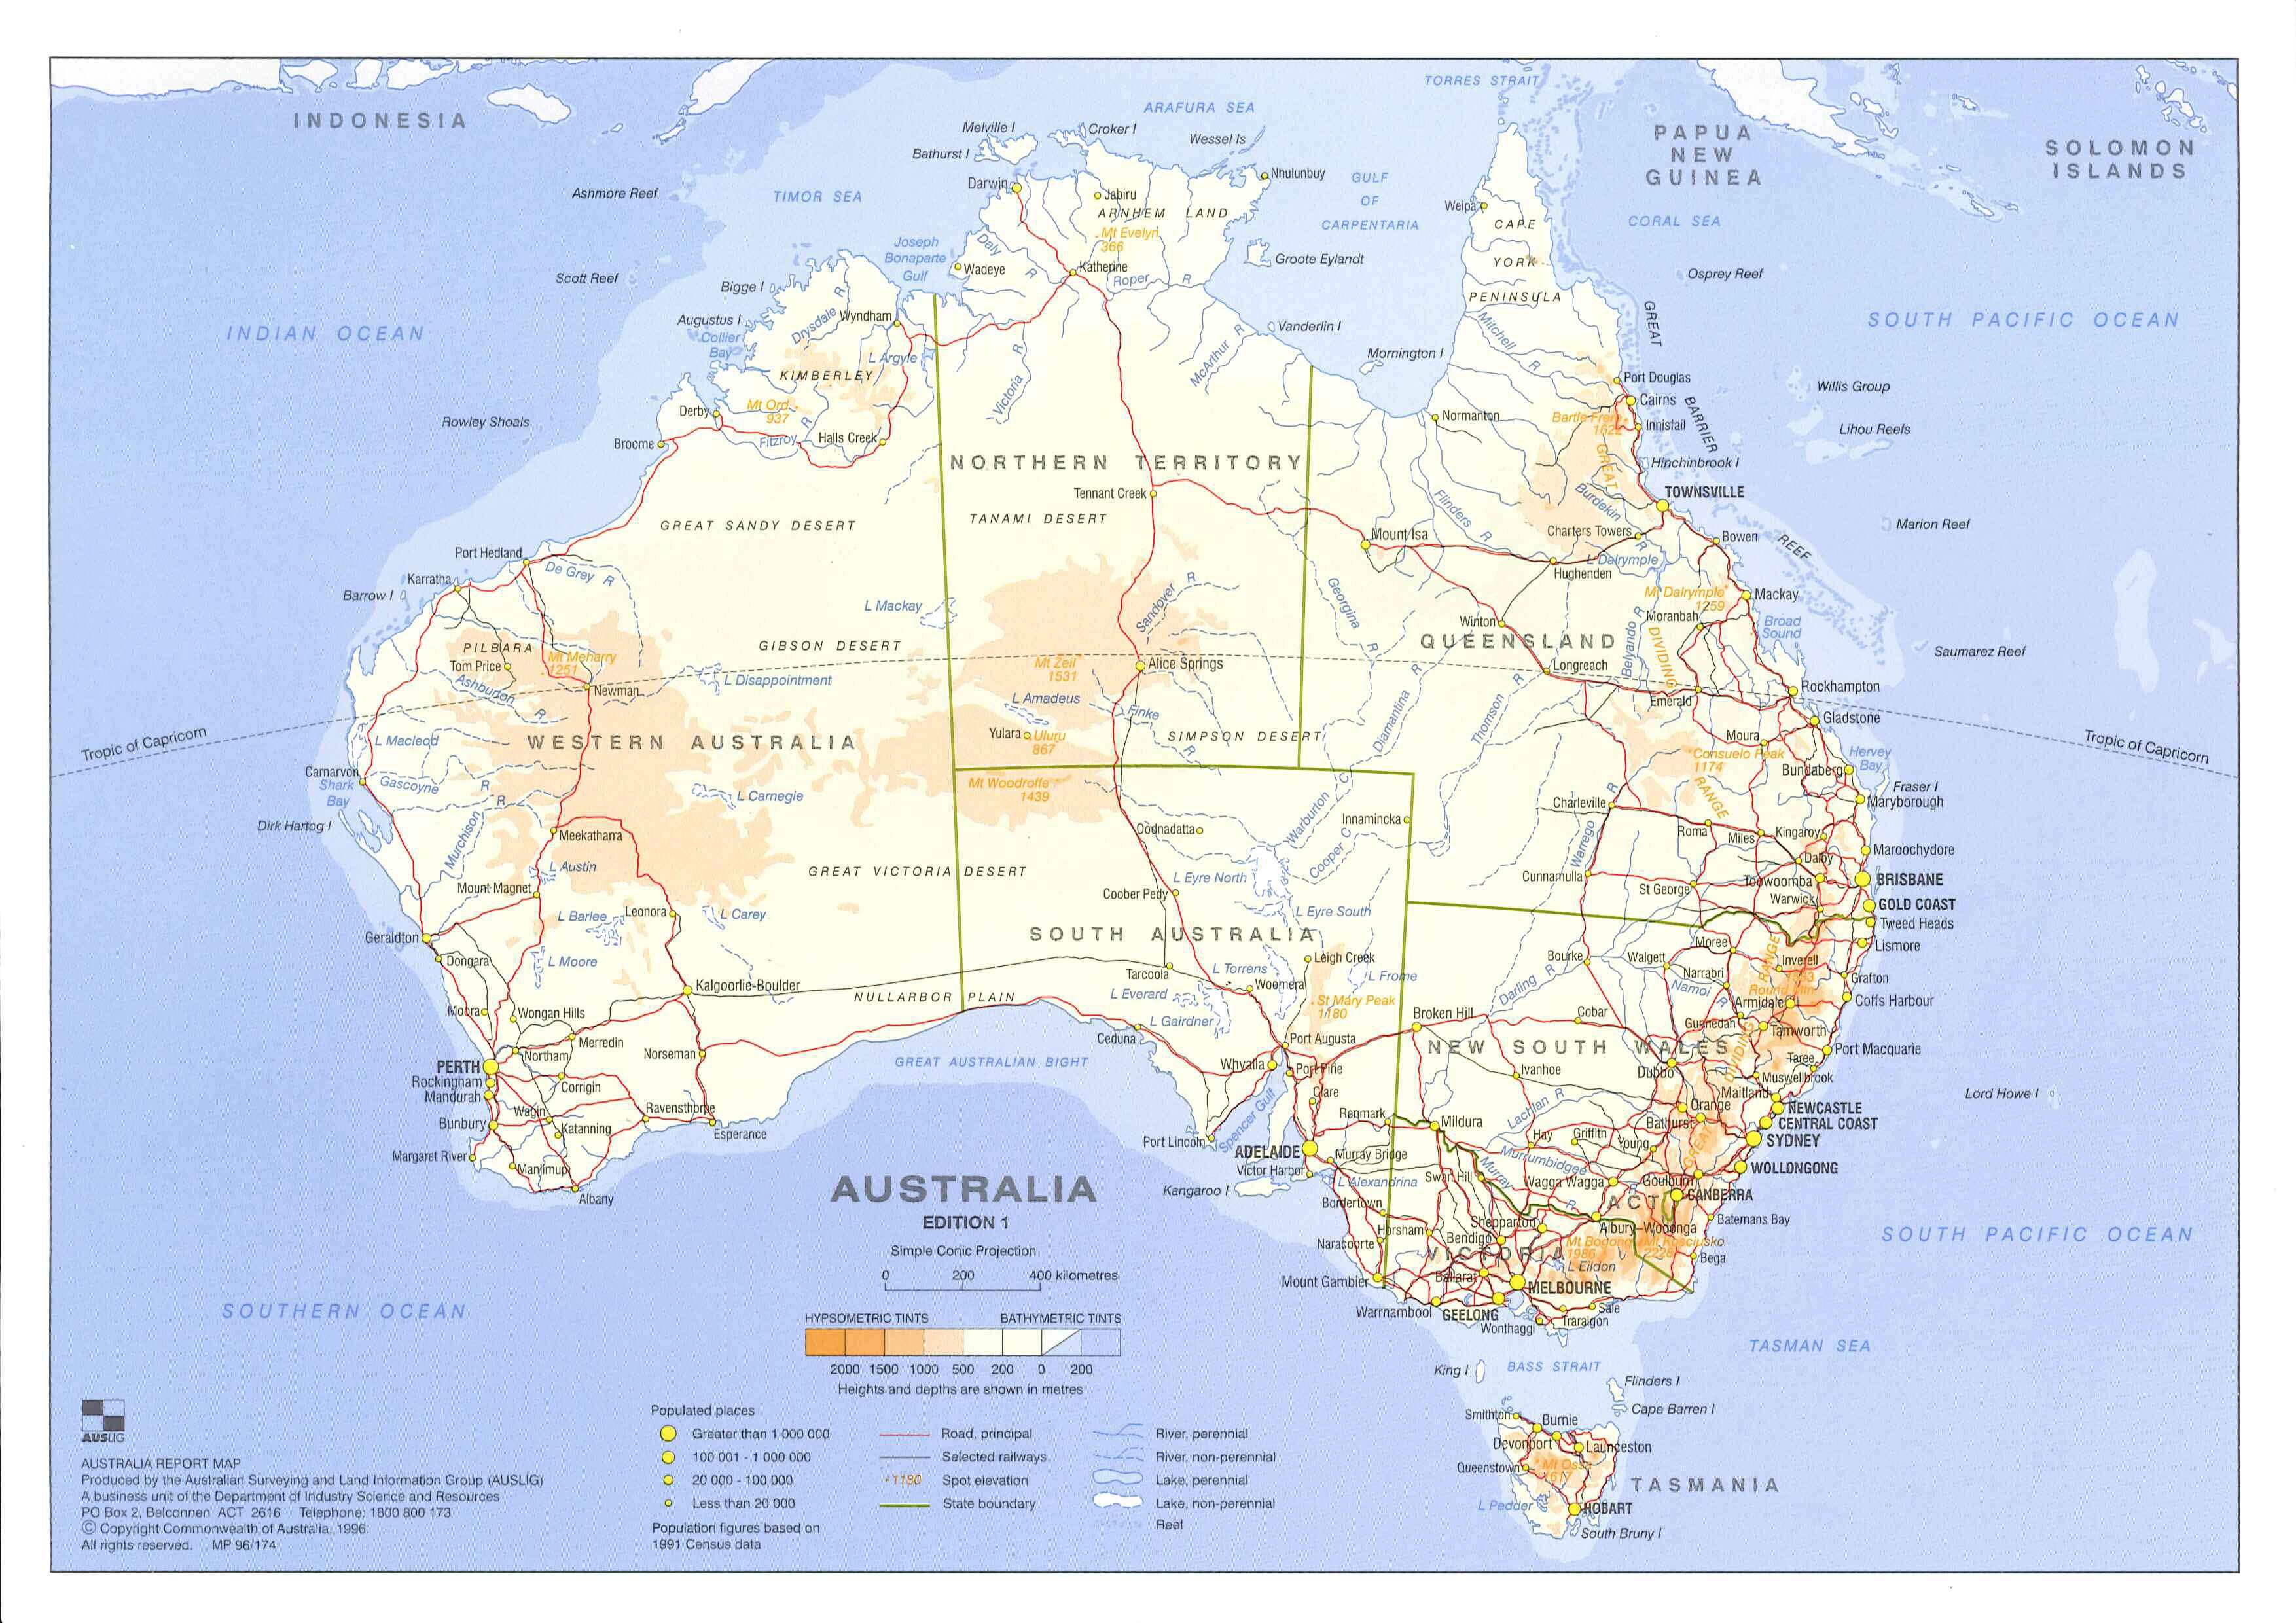 Carte Australie Du Sud Est.Australie Programme De Recherche Sogip Echelles De